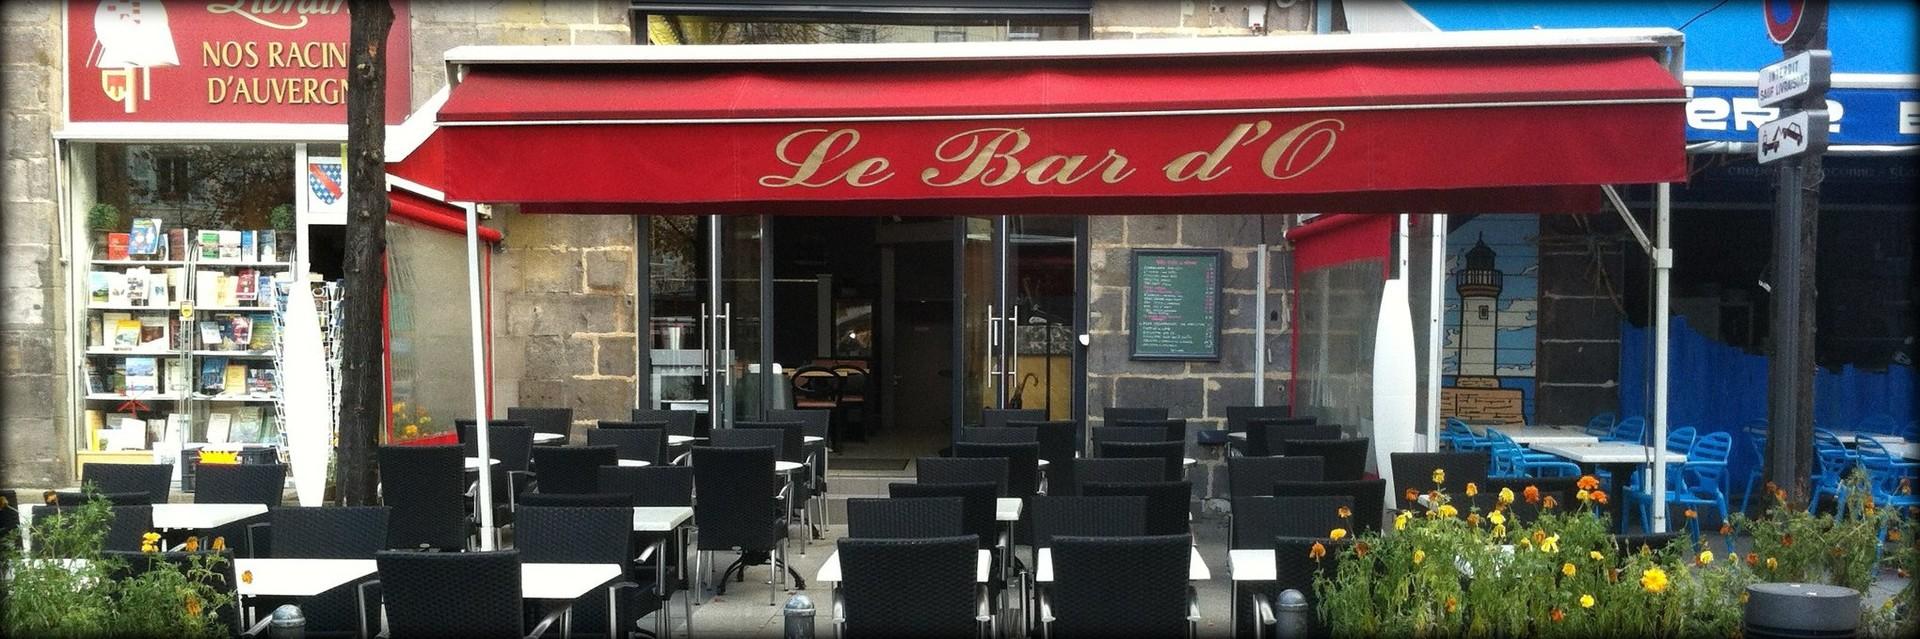 cafe-languees-bcd7968518450008daa5bae2d6